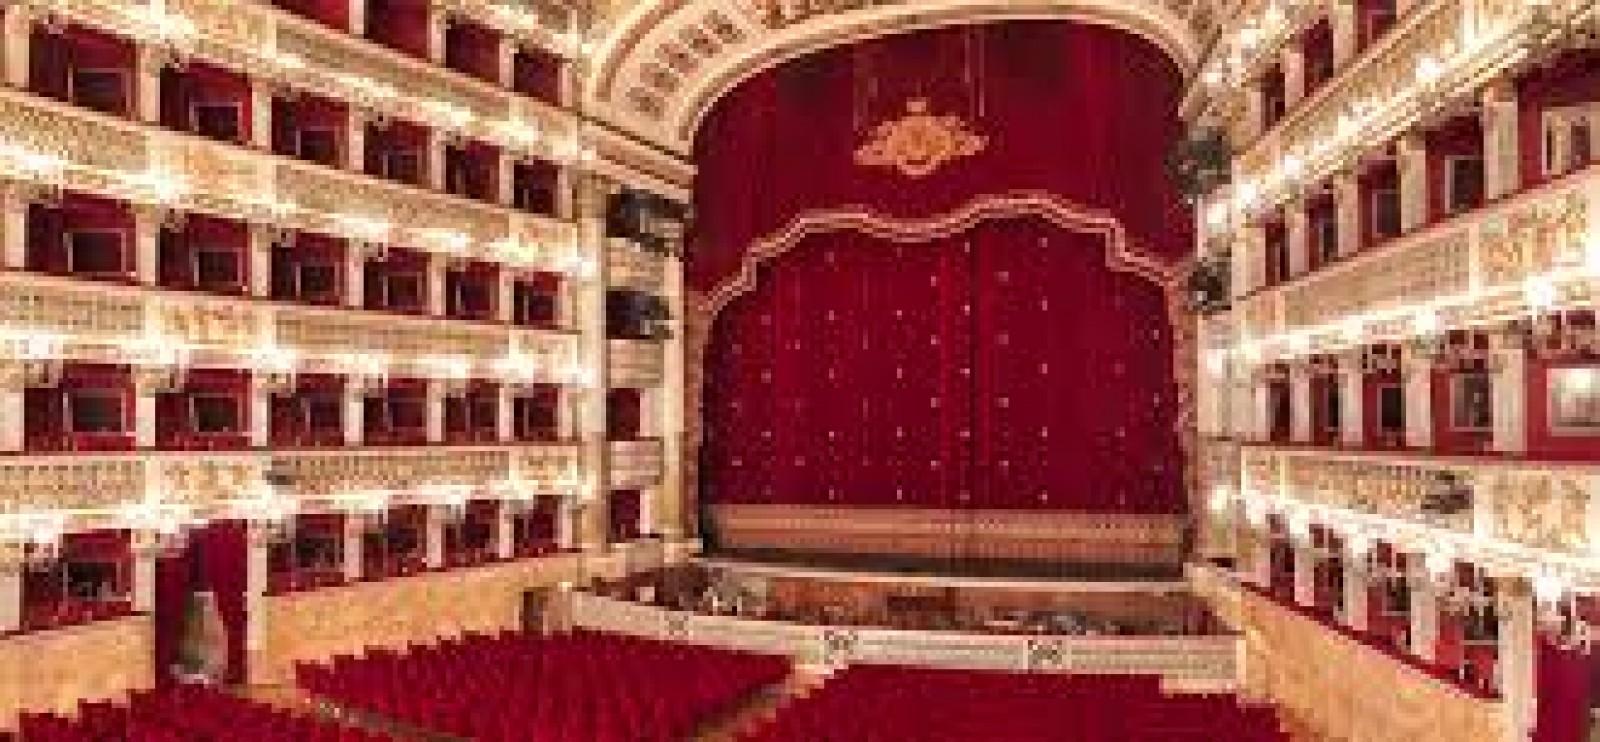 """Gallery - Viaggio a Napoli per visita al pastificio Garofalo di Gragnano e agli scavi archeologici di Oplontis. La sera del 24 assisteremo alla rappresentazione della """"Tosca"""" di G. Puccini al Teatro San Carlo."""